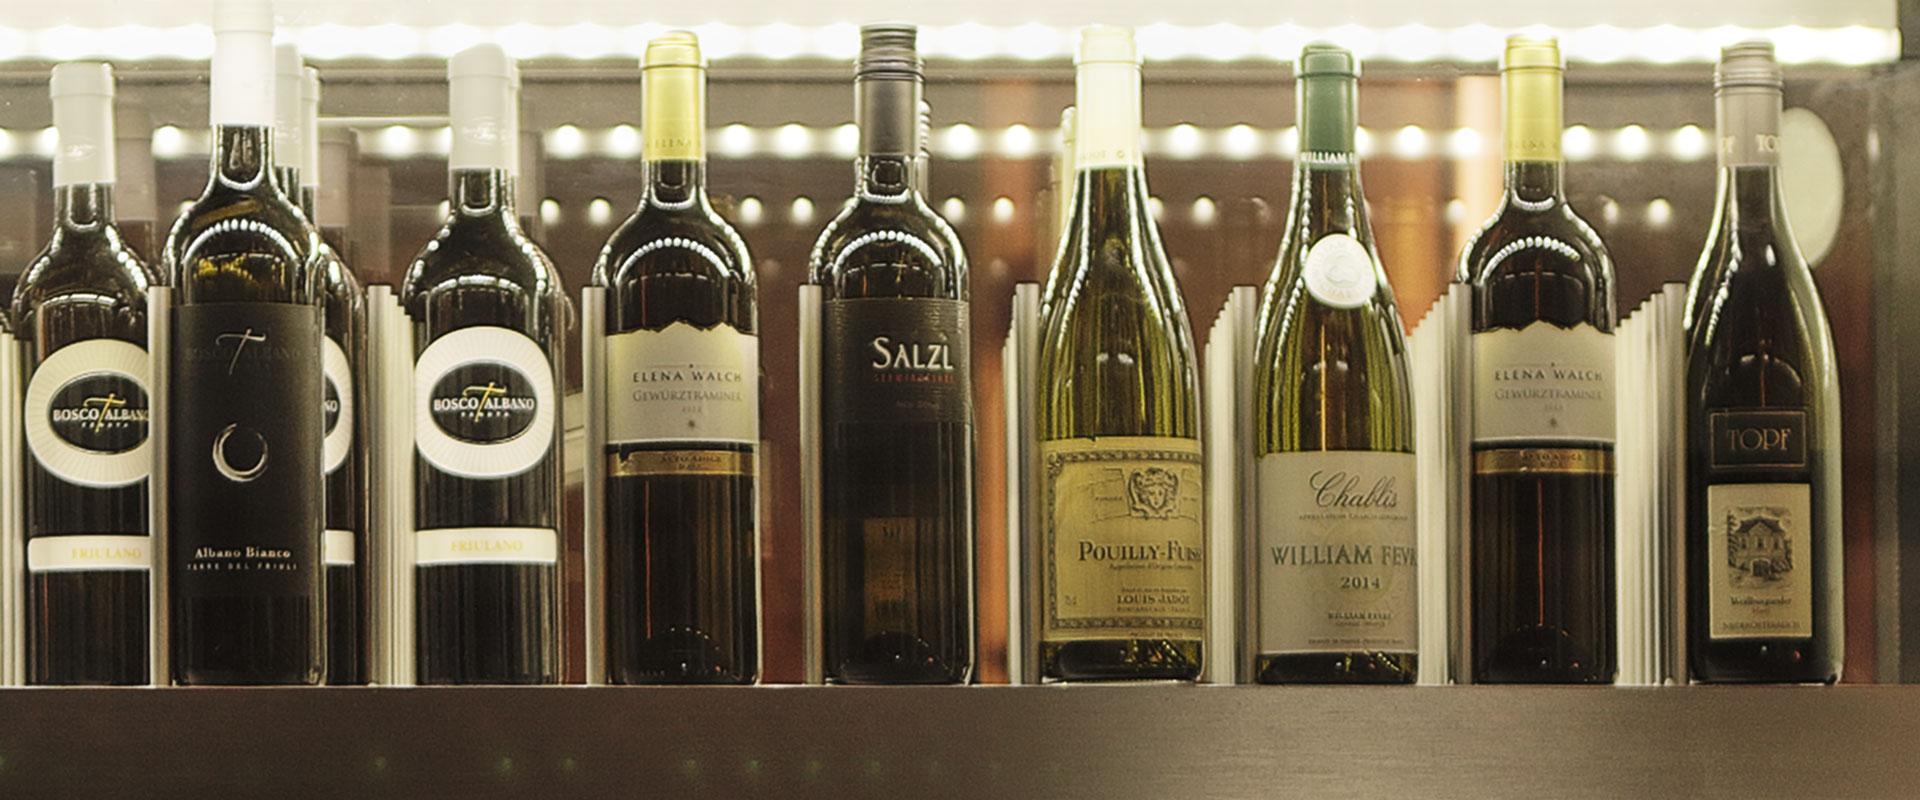 Weinschrank mit kühlem Weißwein